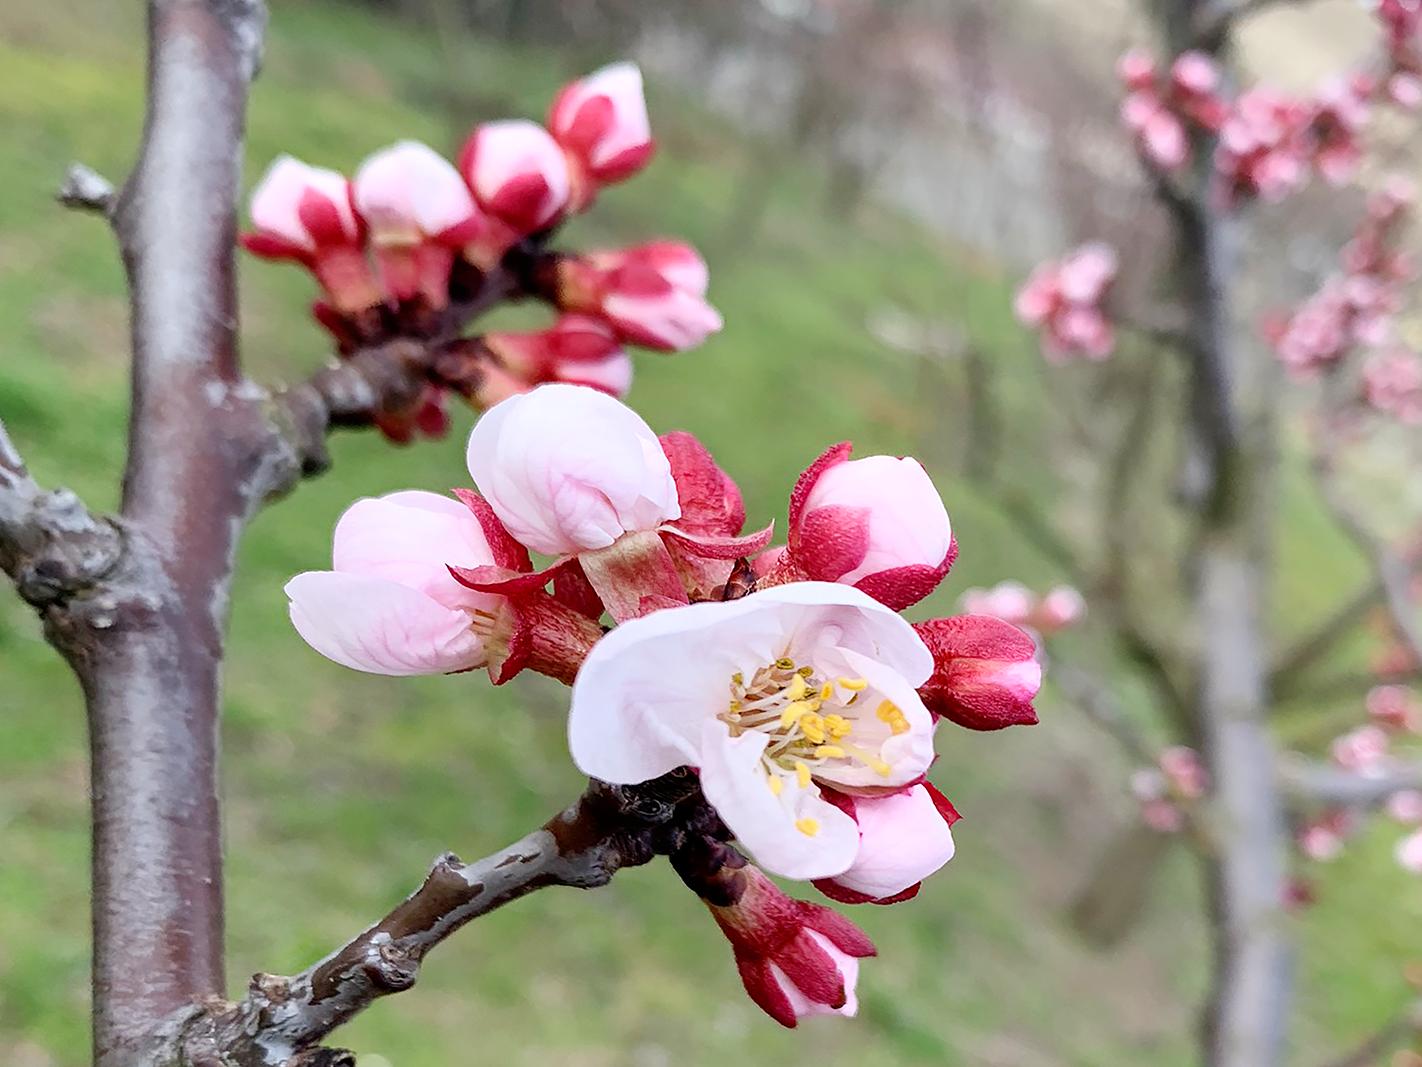 Marillenblüte in der Wachau 2020